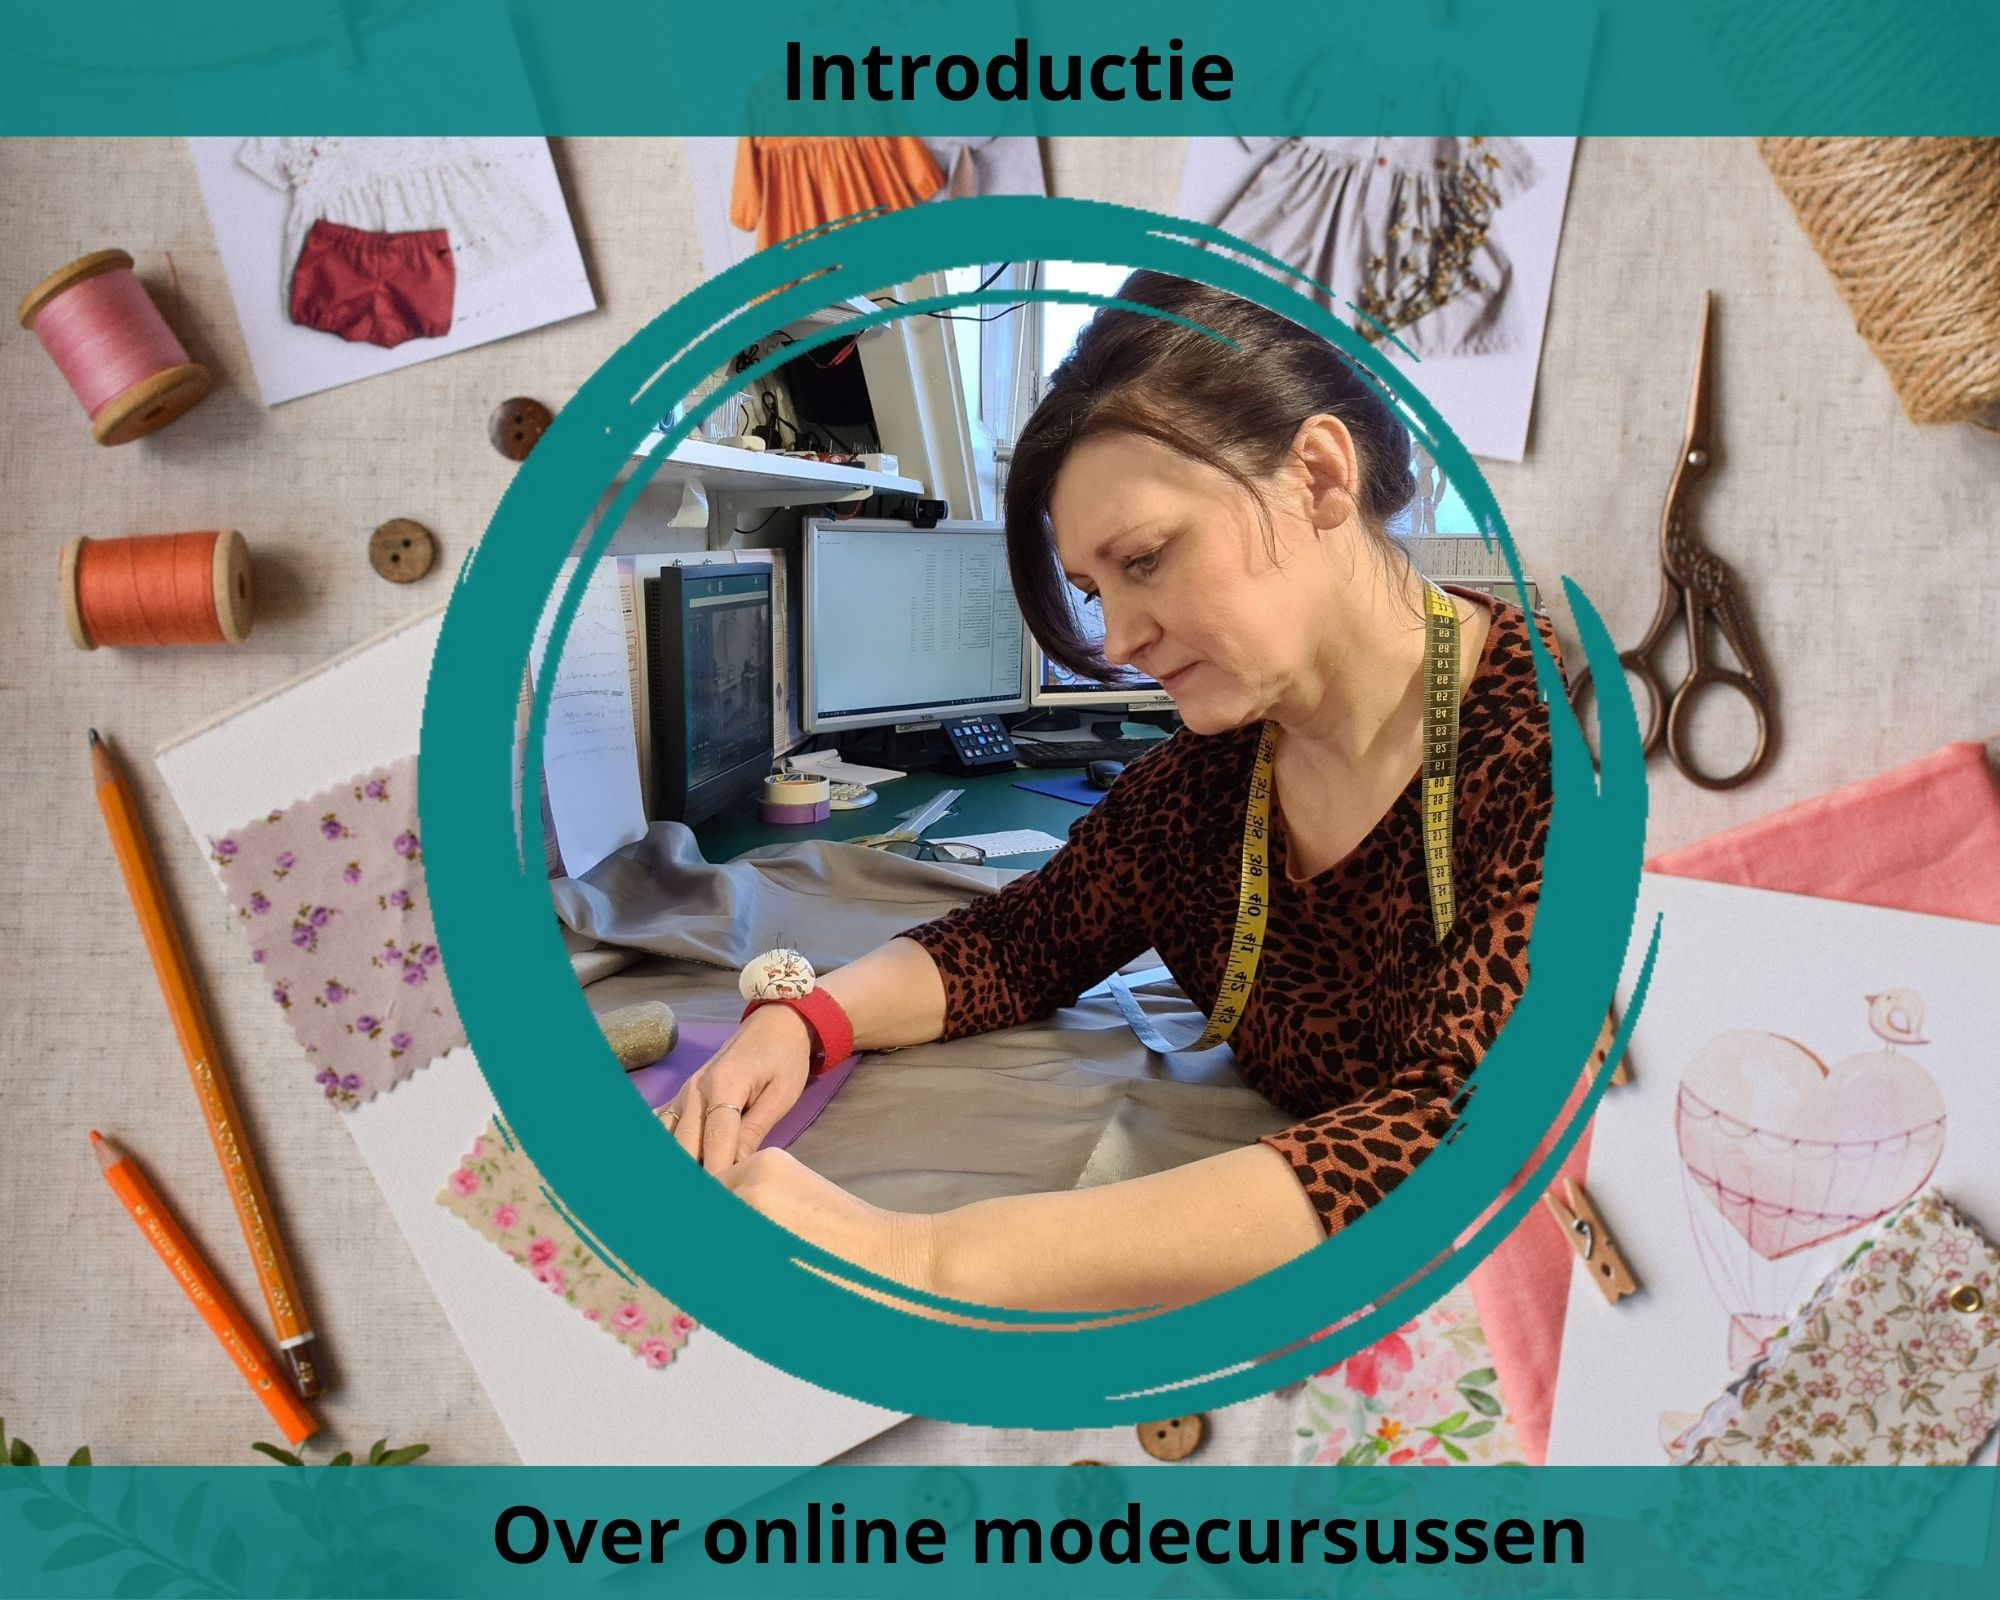 online modecursussen